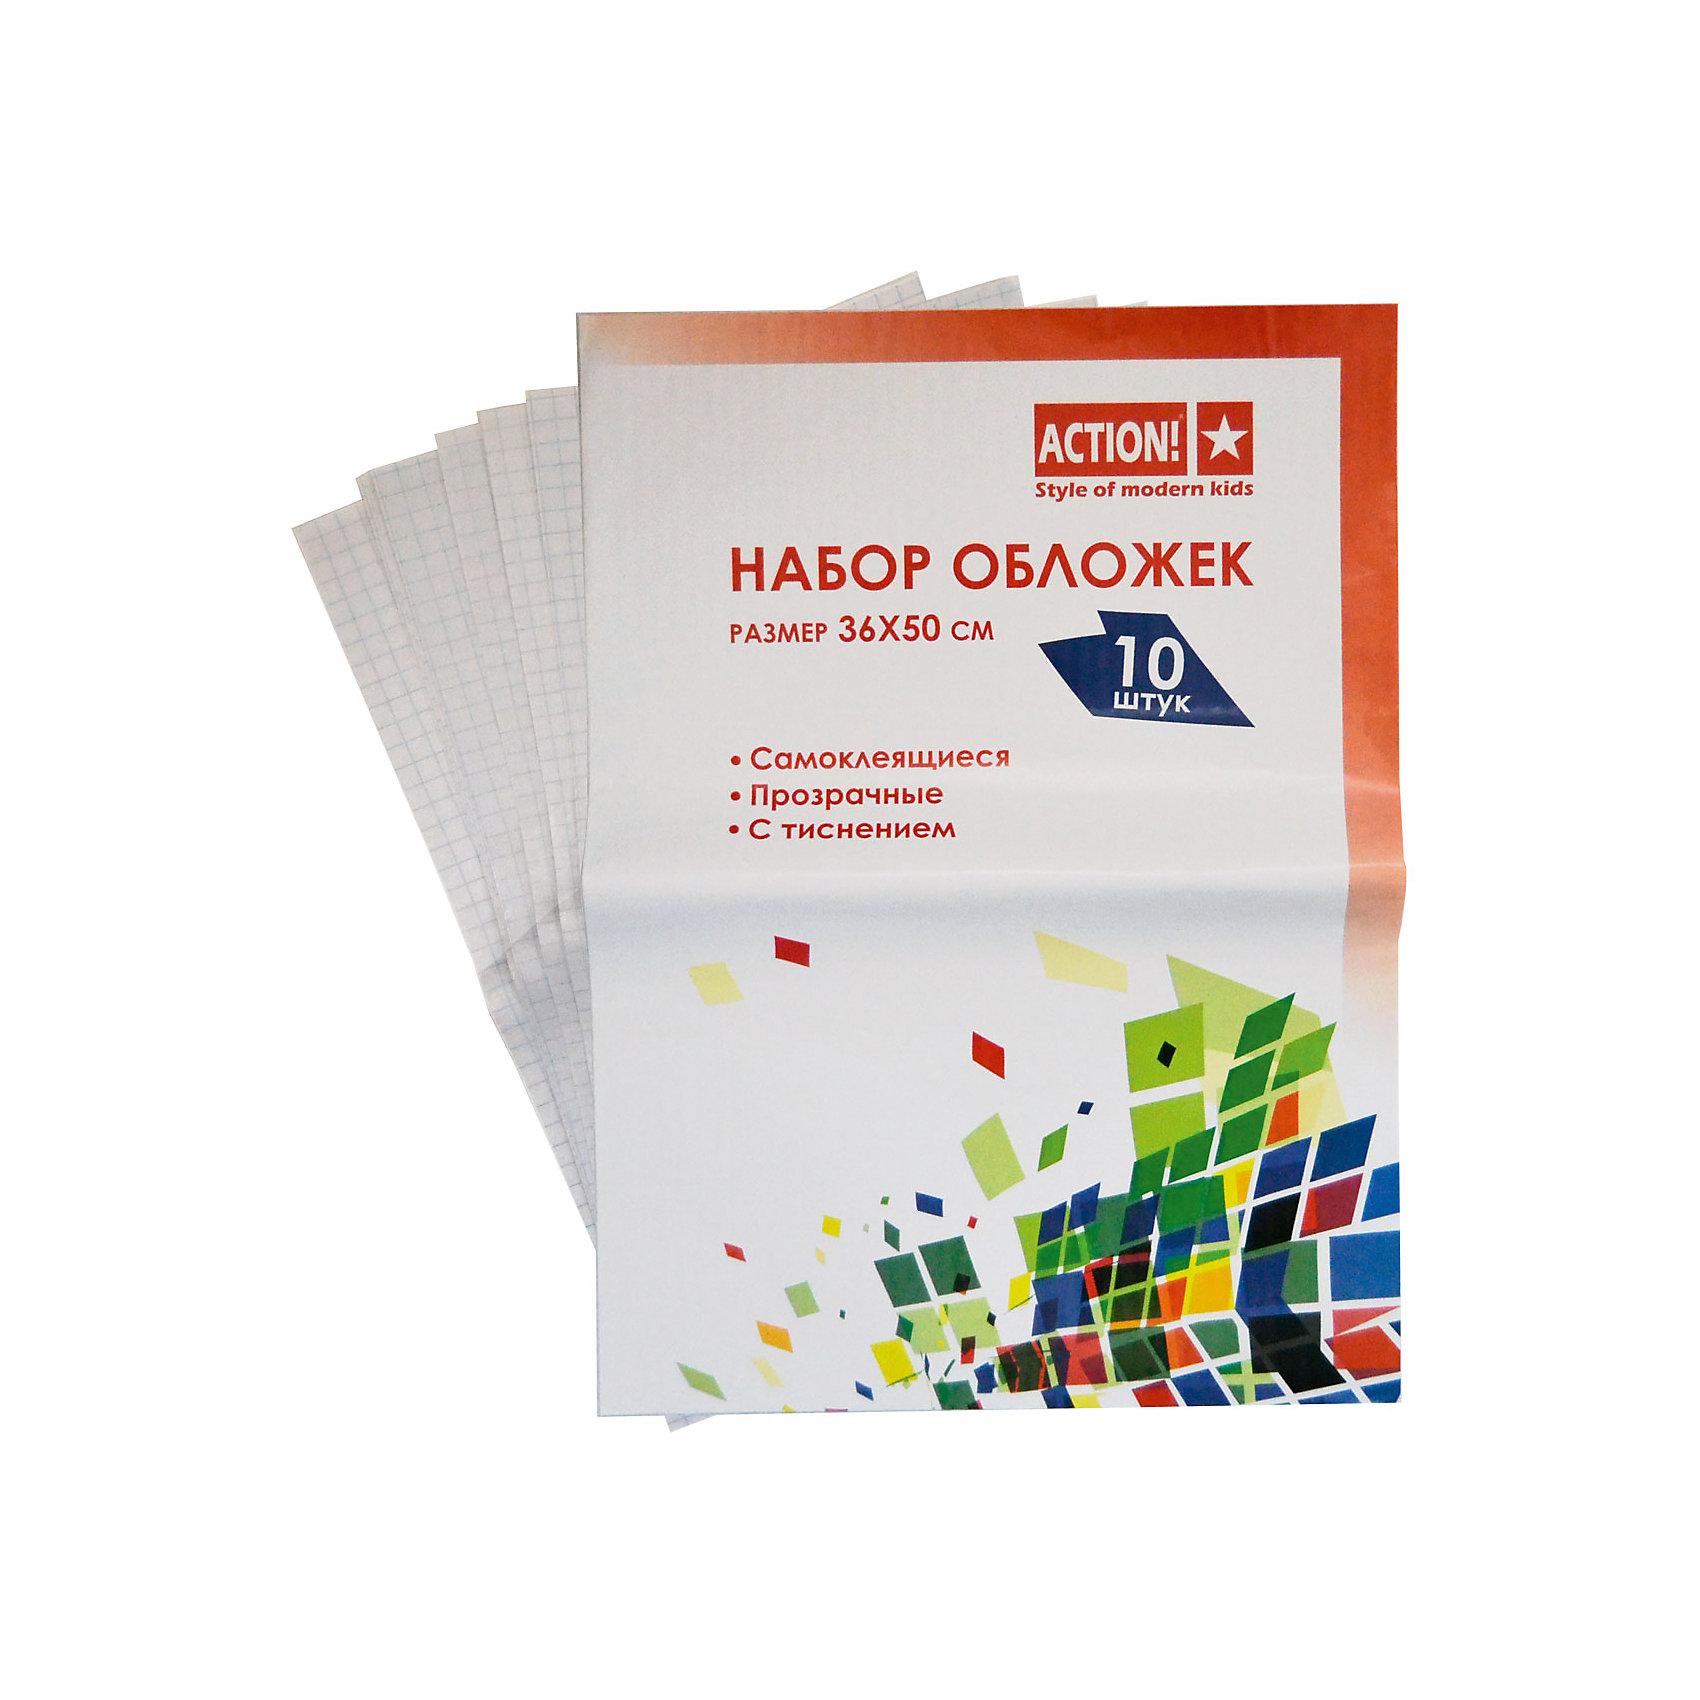 ACTION! Самоклеящиеся обложки для книг A4Школьные аксессуары<br>Характеристики товара:<br><br>• в комплекте: 10 обложек;<br>• формат: А4;<br>• материал: ПВХ;<br>• размер упаковки: 36х50 см;<br>• вес: 300 грамм;<br>• возраст: от 6 лет.<br><br>Самоклеящиеся обложки сохранят книги и тетради ребёнка в течение всего учебного года. В набор входят 10 самоклеящихся обложек формата А4. Обложки изготовлены из качественного поливинилхлорида без содержания токсичных веществ. Обложки не имеют запаха, не ломаются и сохраняют свои свойства при длительном использовании.<br><br>ACTION! (Экшен!) Самоклеящиеся обложки для книг A4 можно купить в нашем интернет-магазине.<br><br>Ширина мм: 500<br>Глубина мм: 360<br>Высота мм: 9999<br>Вес г: 300<br>Возраст от месяцев: 84<br>Возраст до месяцев: 156<br>Пол: Унисекс<br>Возраст: Детский<br>SKU: 6858968